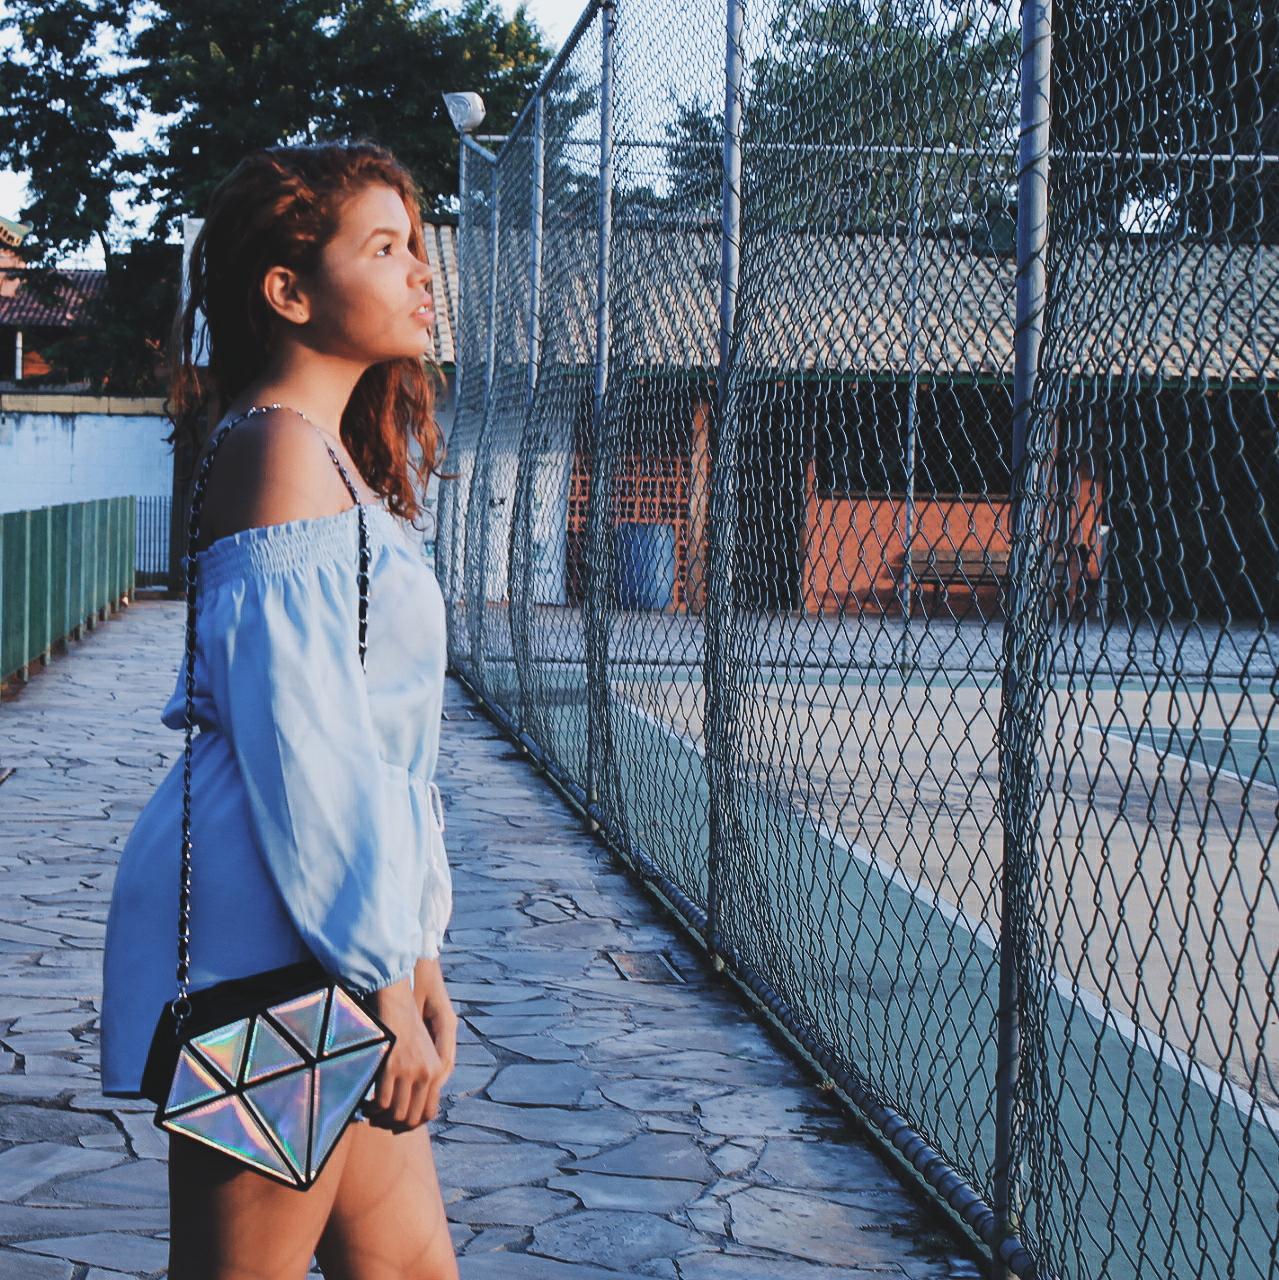 macaquinho ombro a ombro azul da china, zaful, oxford holográfico, look oxford holográfico, bolsa diamante holográfico ebay, look tenis taquilla, oxford taquilla, look casual, blogueira ruiva, blogueira baixinha, ingrid gleize, roupa da china, look da china, bolsa diamante ebay